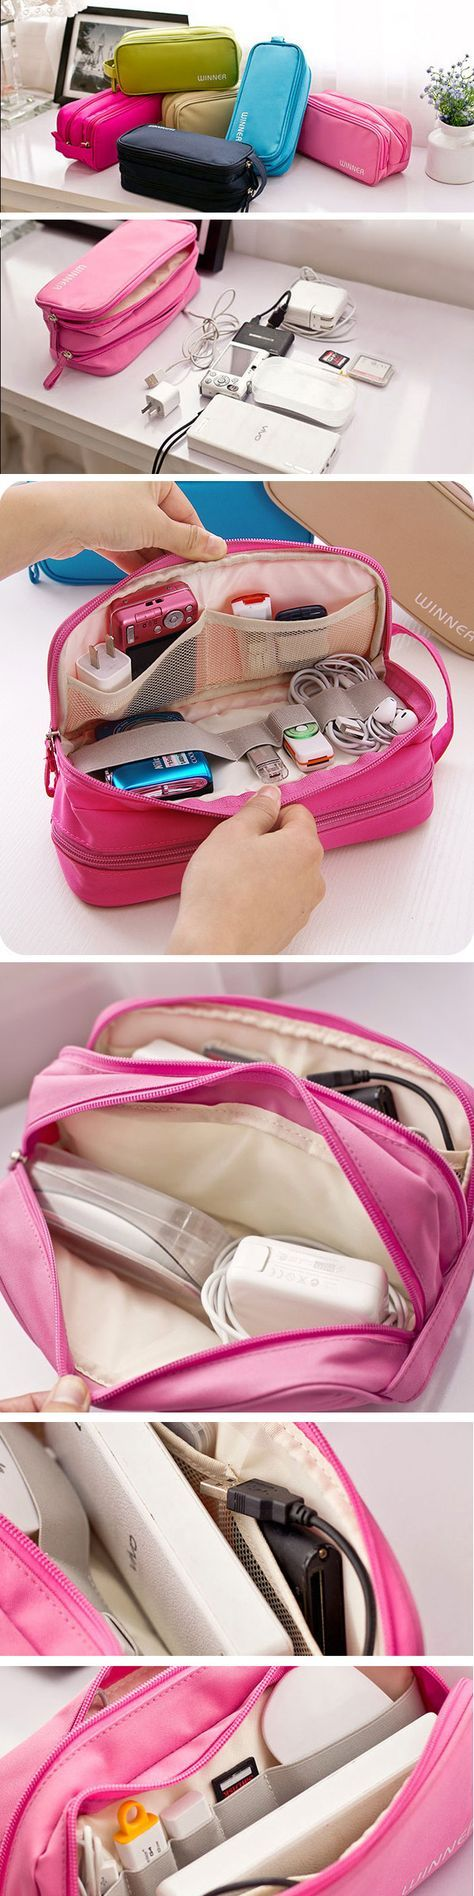 US$9.22 Waterproof Nylon Travel Storage Bag_Digital Accessories Hanging Bag